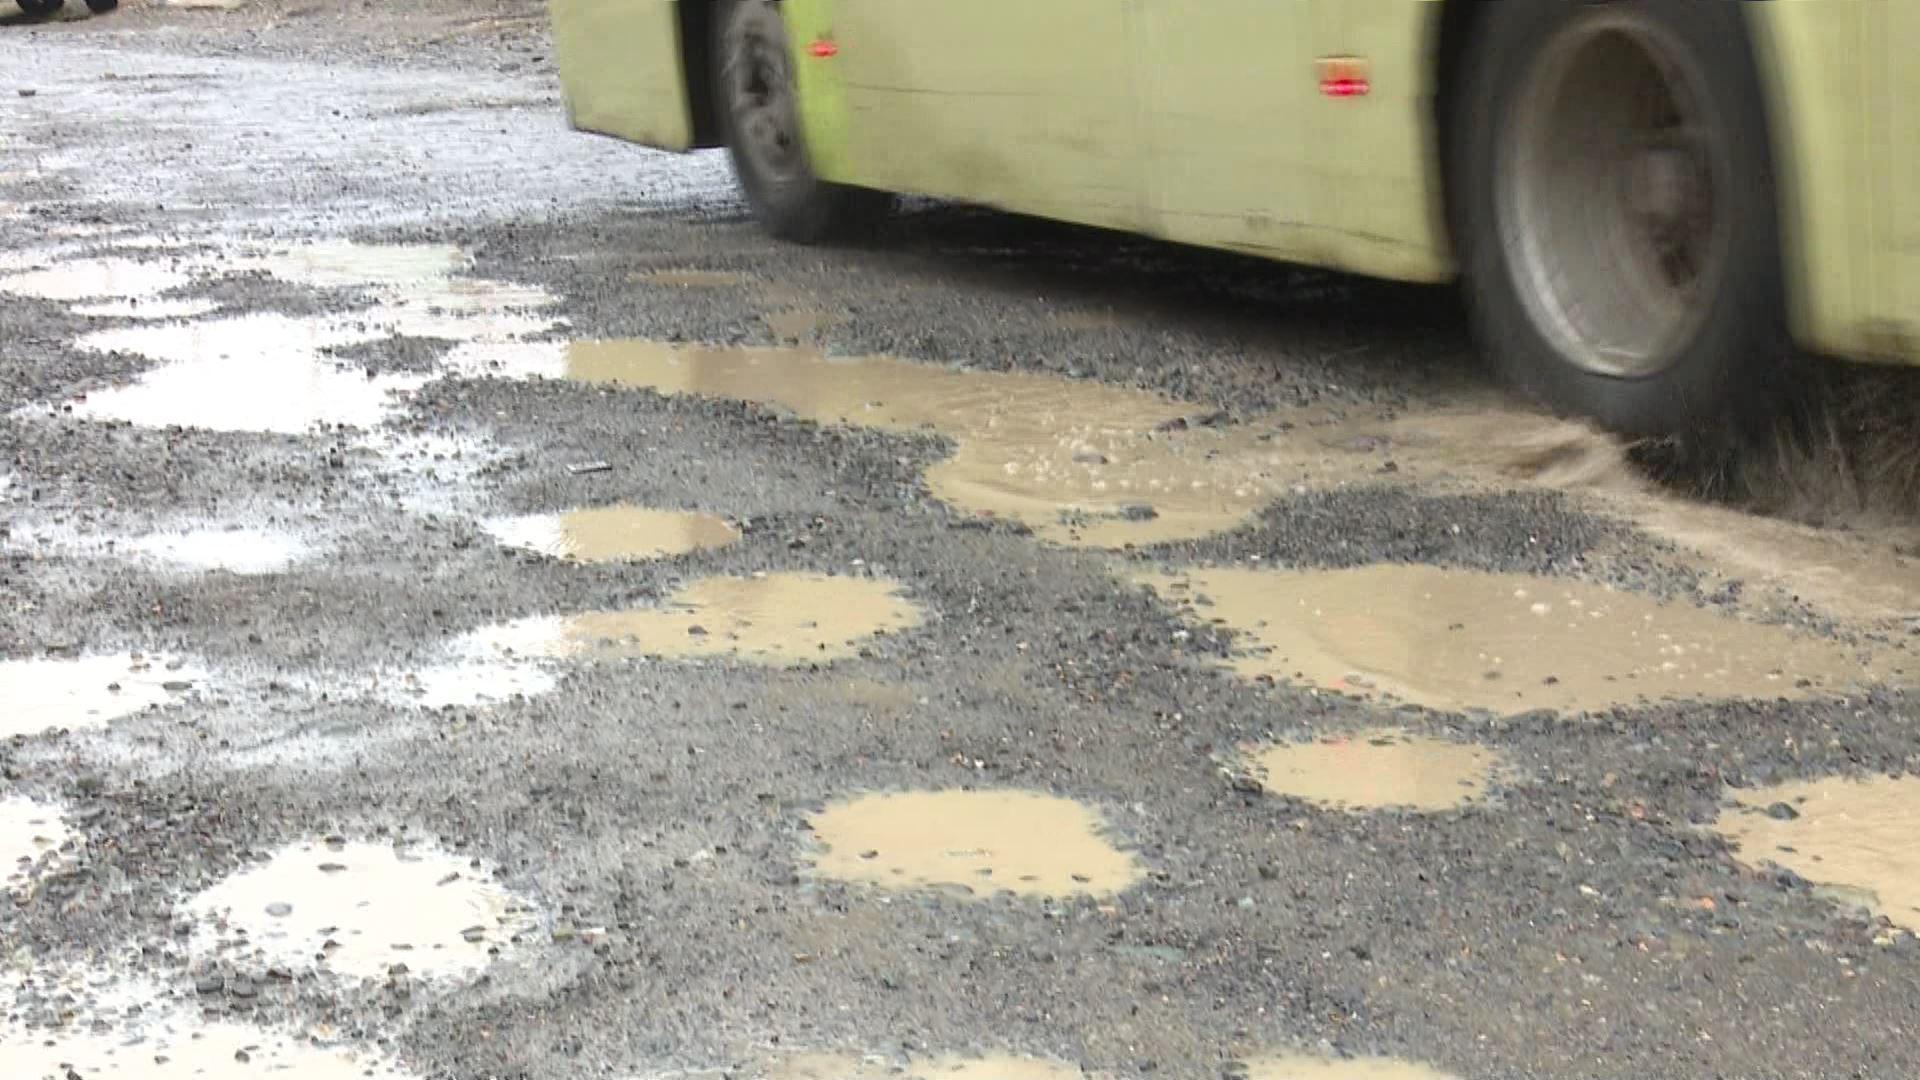 წვიმის წყლით ამოვსებული ორმოები ბათუმის ქუჩებში და ავარიული გზები